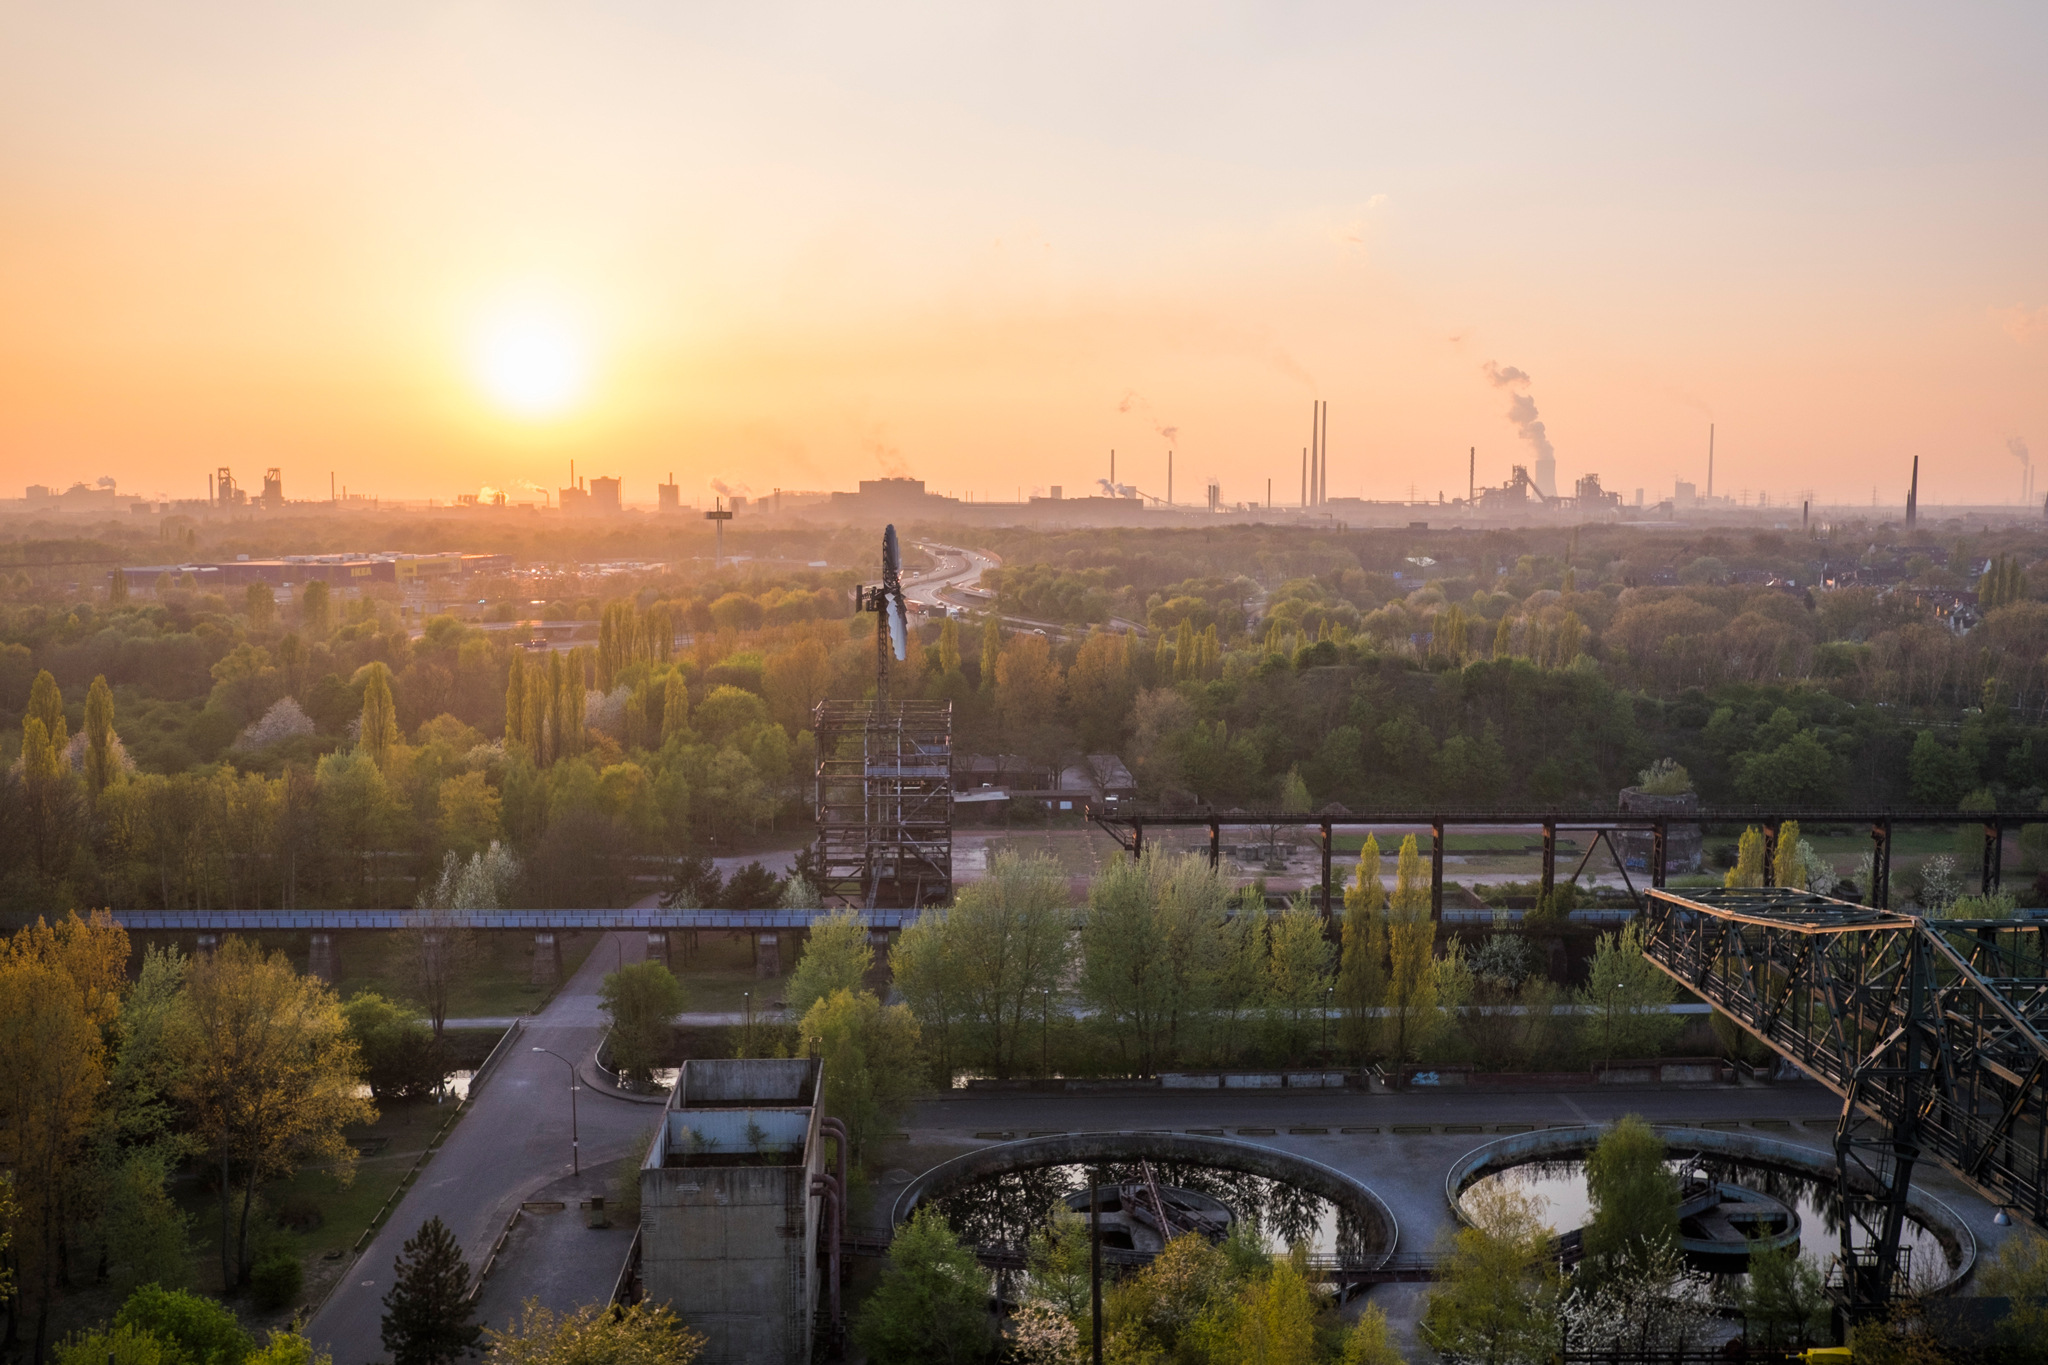 Gemeinsam mit der unmittelbar benachbarten Kokerei Zollverein gehören die Schachtanlagen 12 und 1/2/8 der Zeche Zollverein seit 2001 zum Welterbe der UNESCO. Zollverein ist Ankerpunkt der Europäischen Route der Industriekultur © Klaus-Peter Kappest